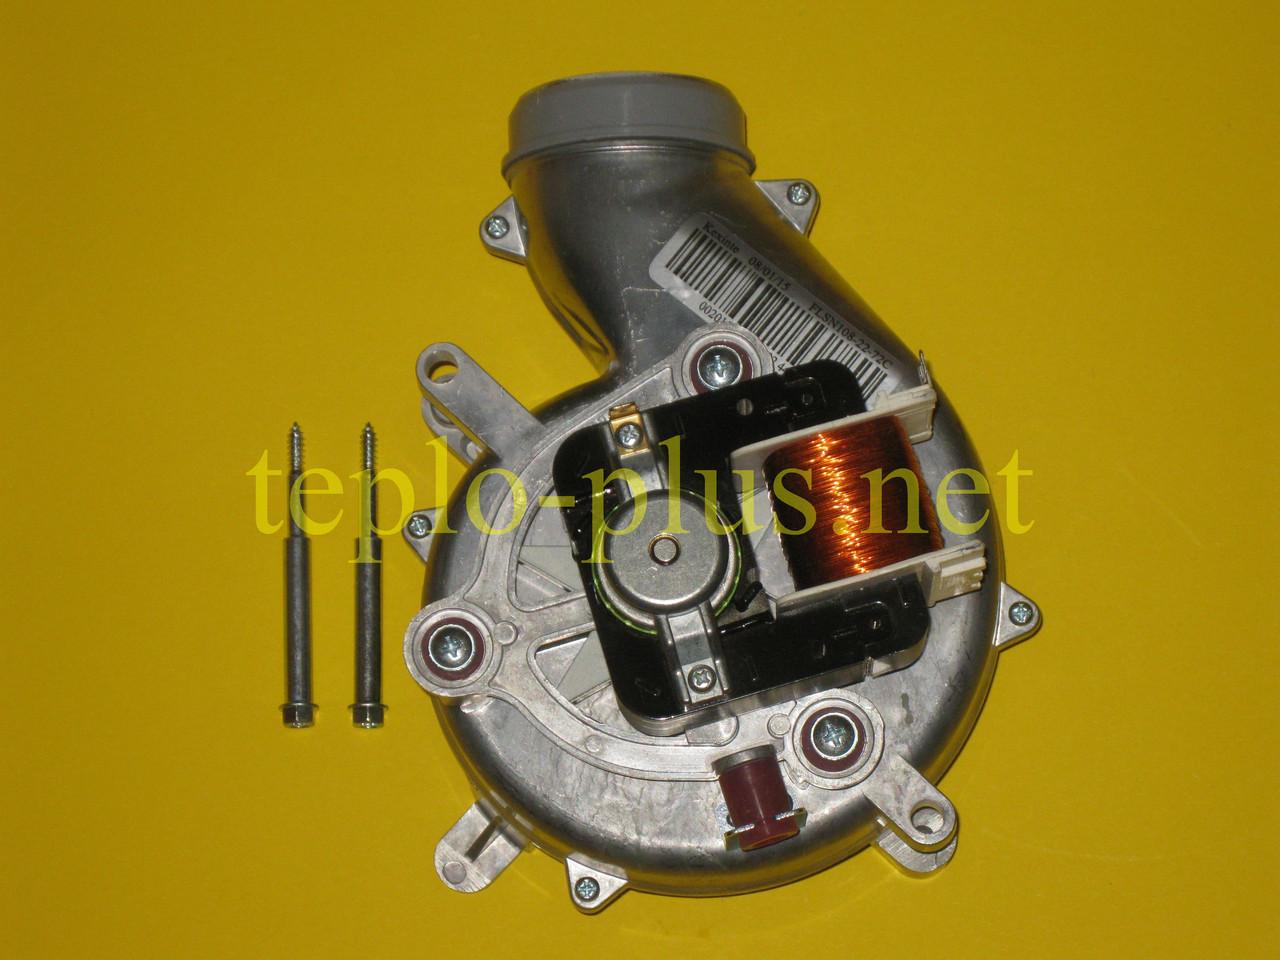 Вентилятор S10088 Saunier Duval Themaclassic F 24 E, F 24 E1, F 25 E, Combitek F 24 E, Thematek F 24 E